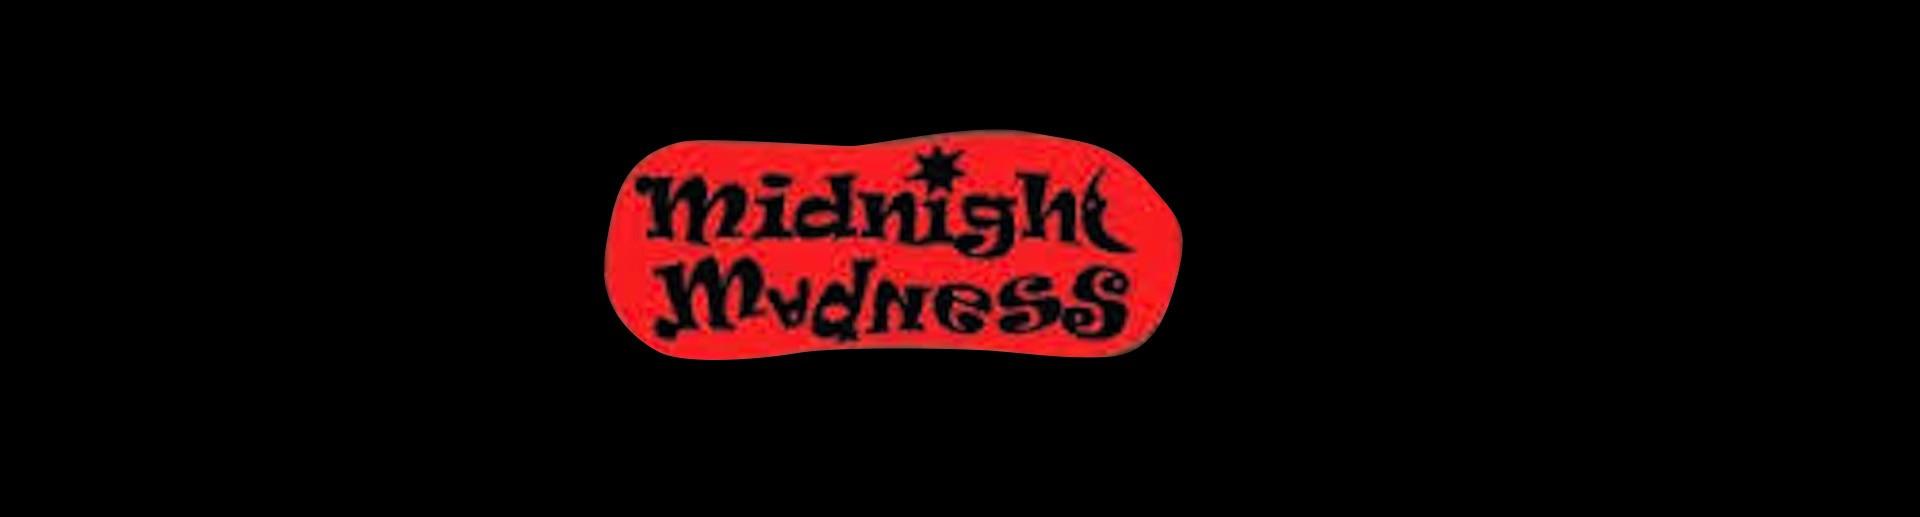 Midnight-Madness-1920x517